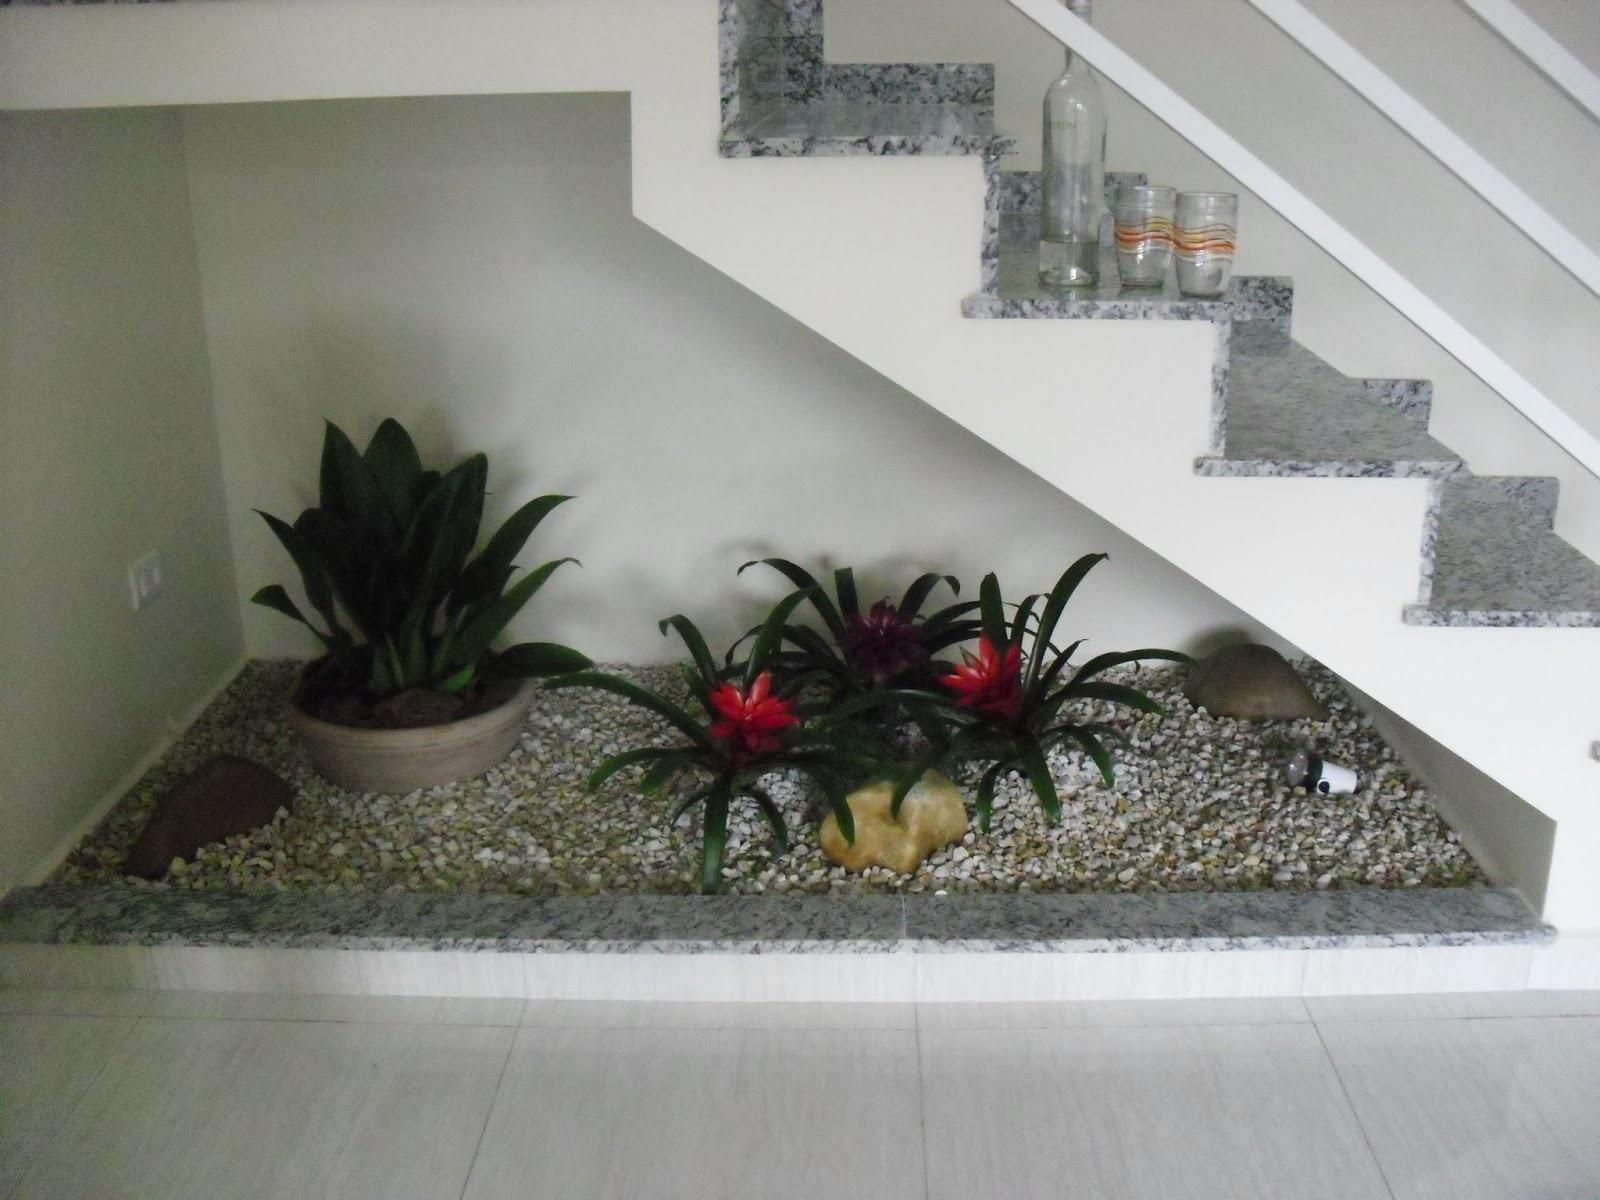 escada jardim embaixo:Reforma do meu sobrado: Jardim embaixo da escada